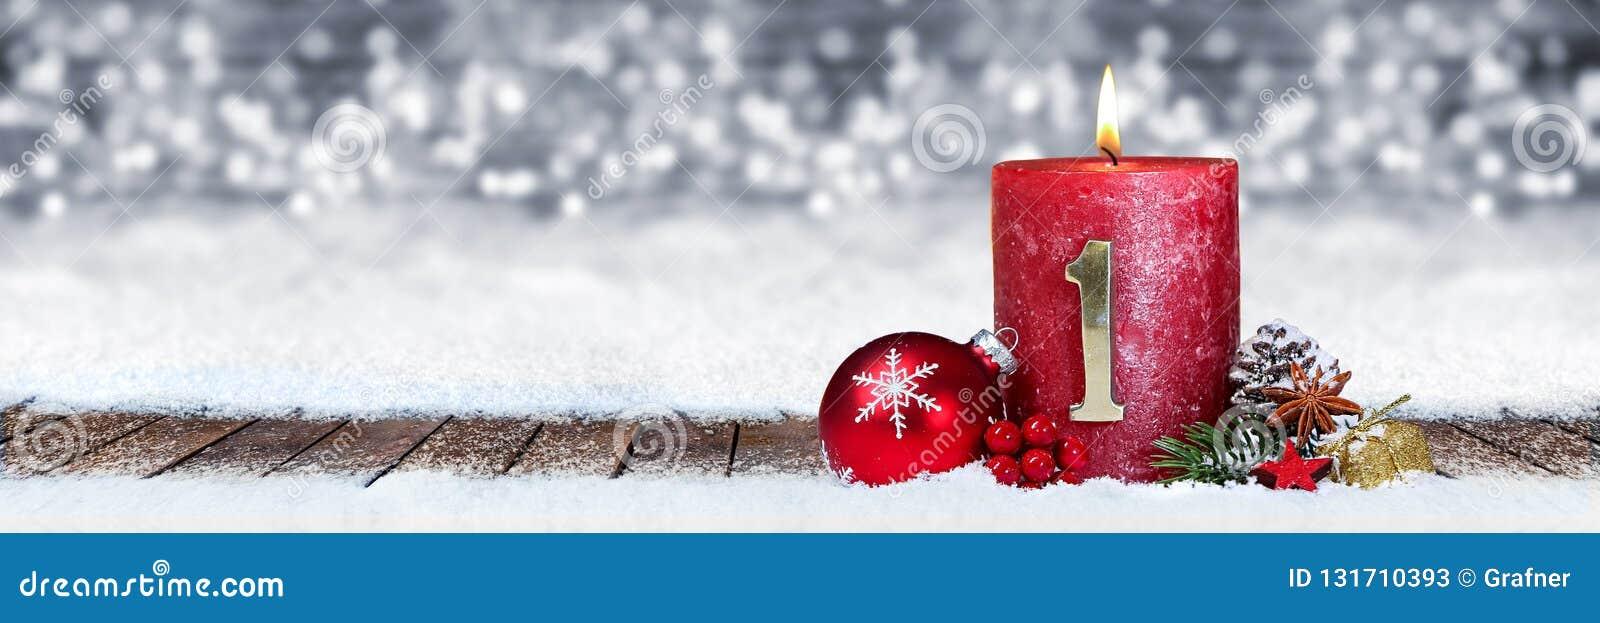 Eerste zondag van komst rode kaars met gouden metaalaantal op houten planken in sneeuwvoorzijde van panorama bokeh achtergrond